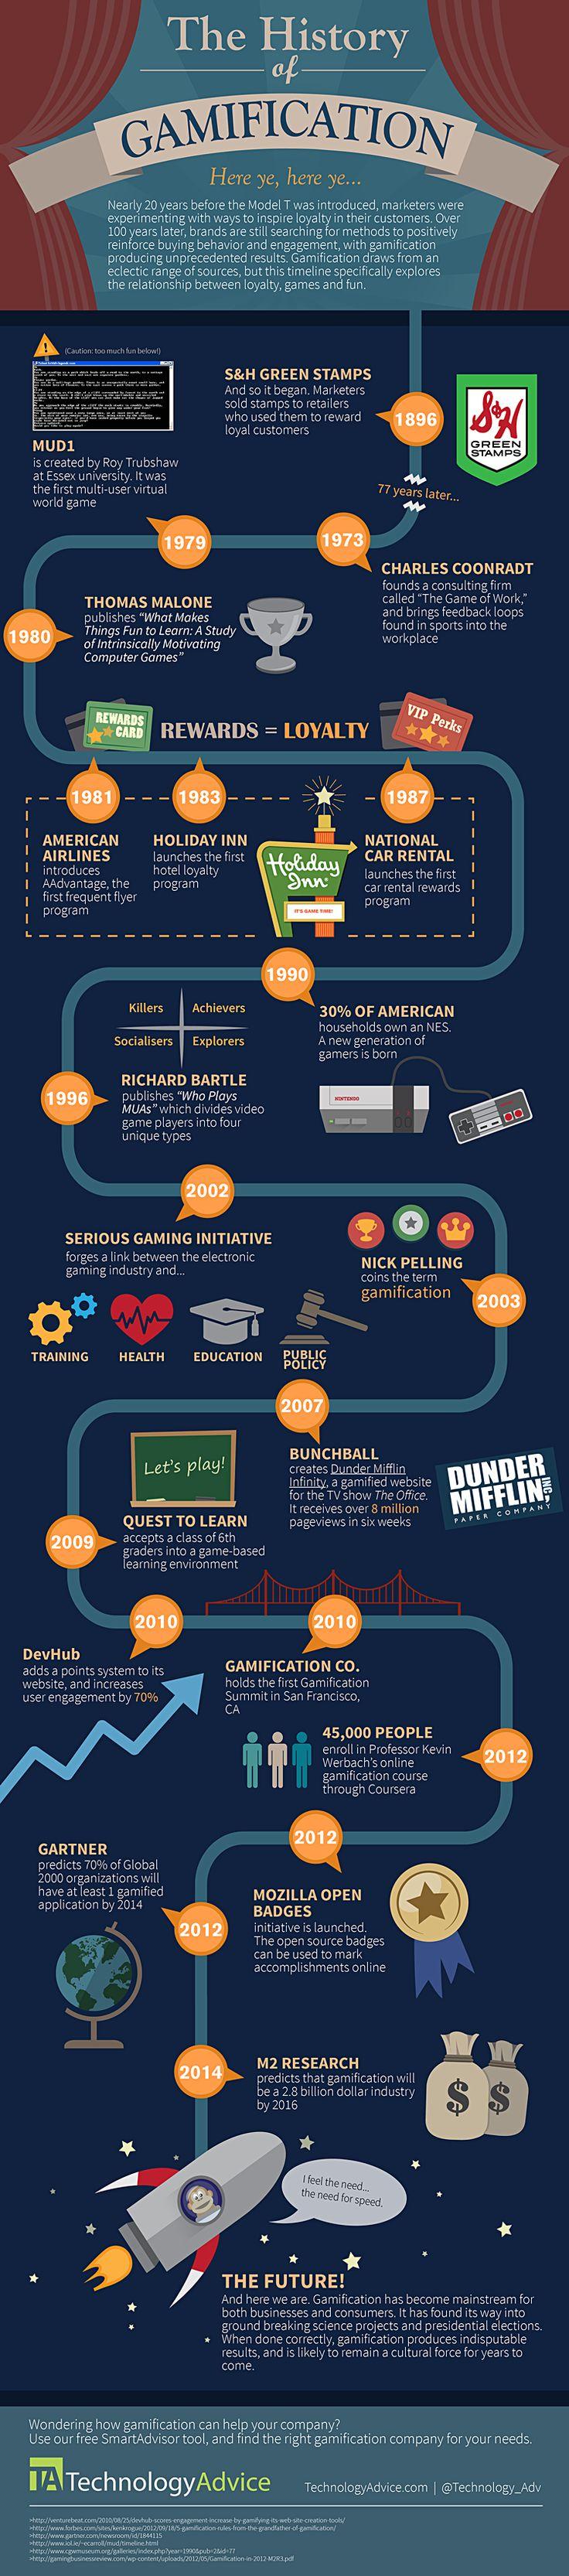 Historia de la gamificación #infografia #infographic #marketing vía: @Technology_Adv